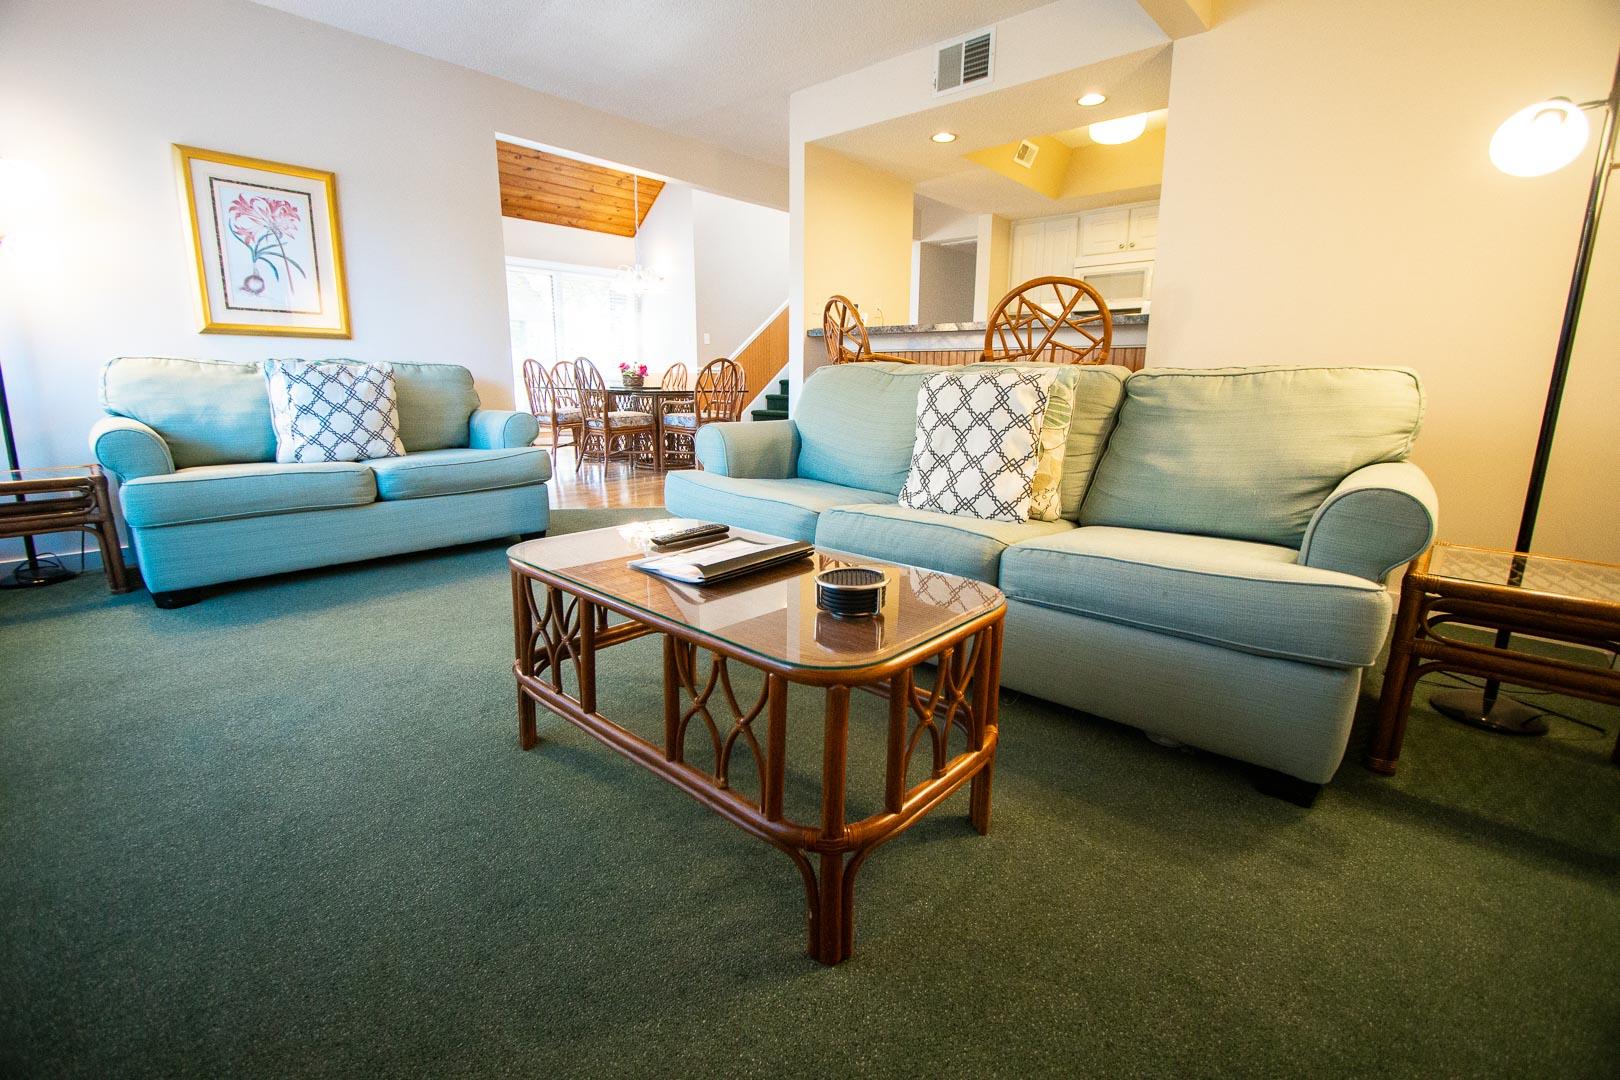 A cozy living room area  at VRI's Sandcastle Village in New Bern, North Carolina.